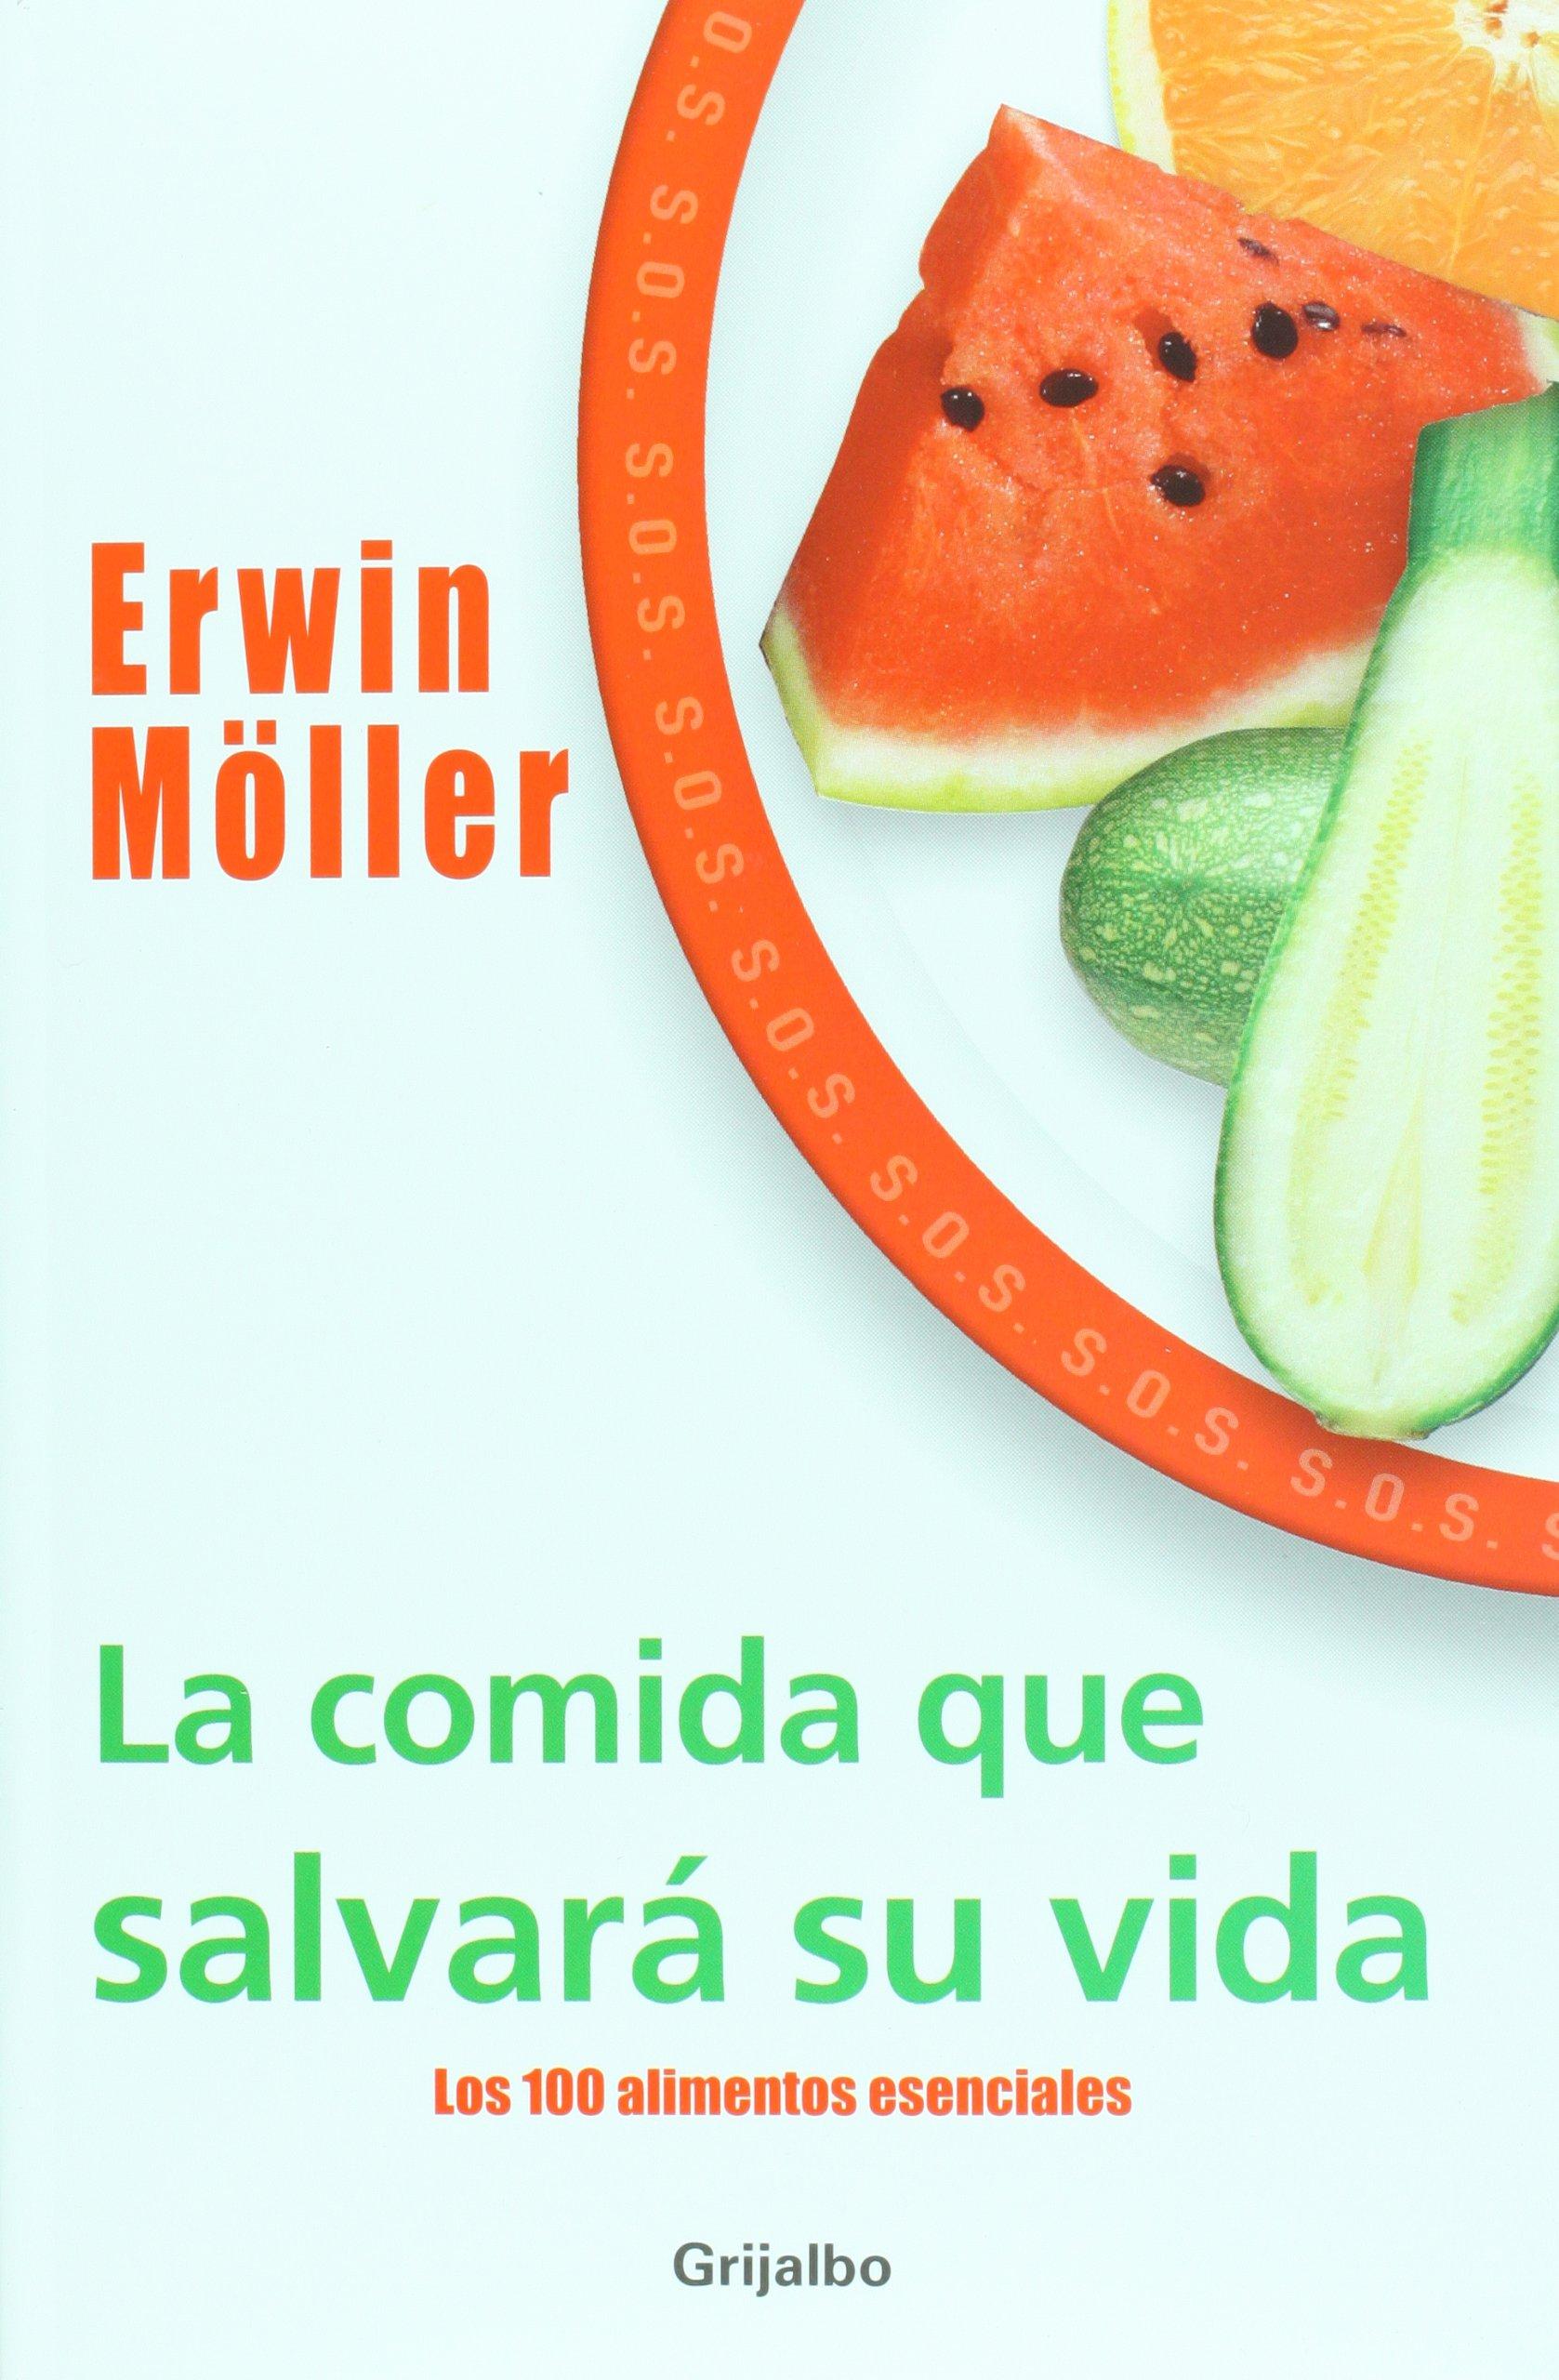 La comida que salvara su vida (Biblioteca de la salud/ Health Library) (Spanish Edition): Erwin Moller: 9789707801387: Amazon.com: Books